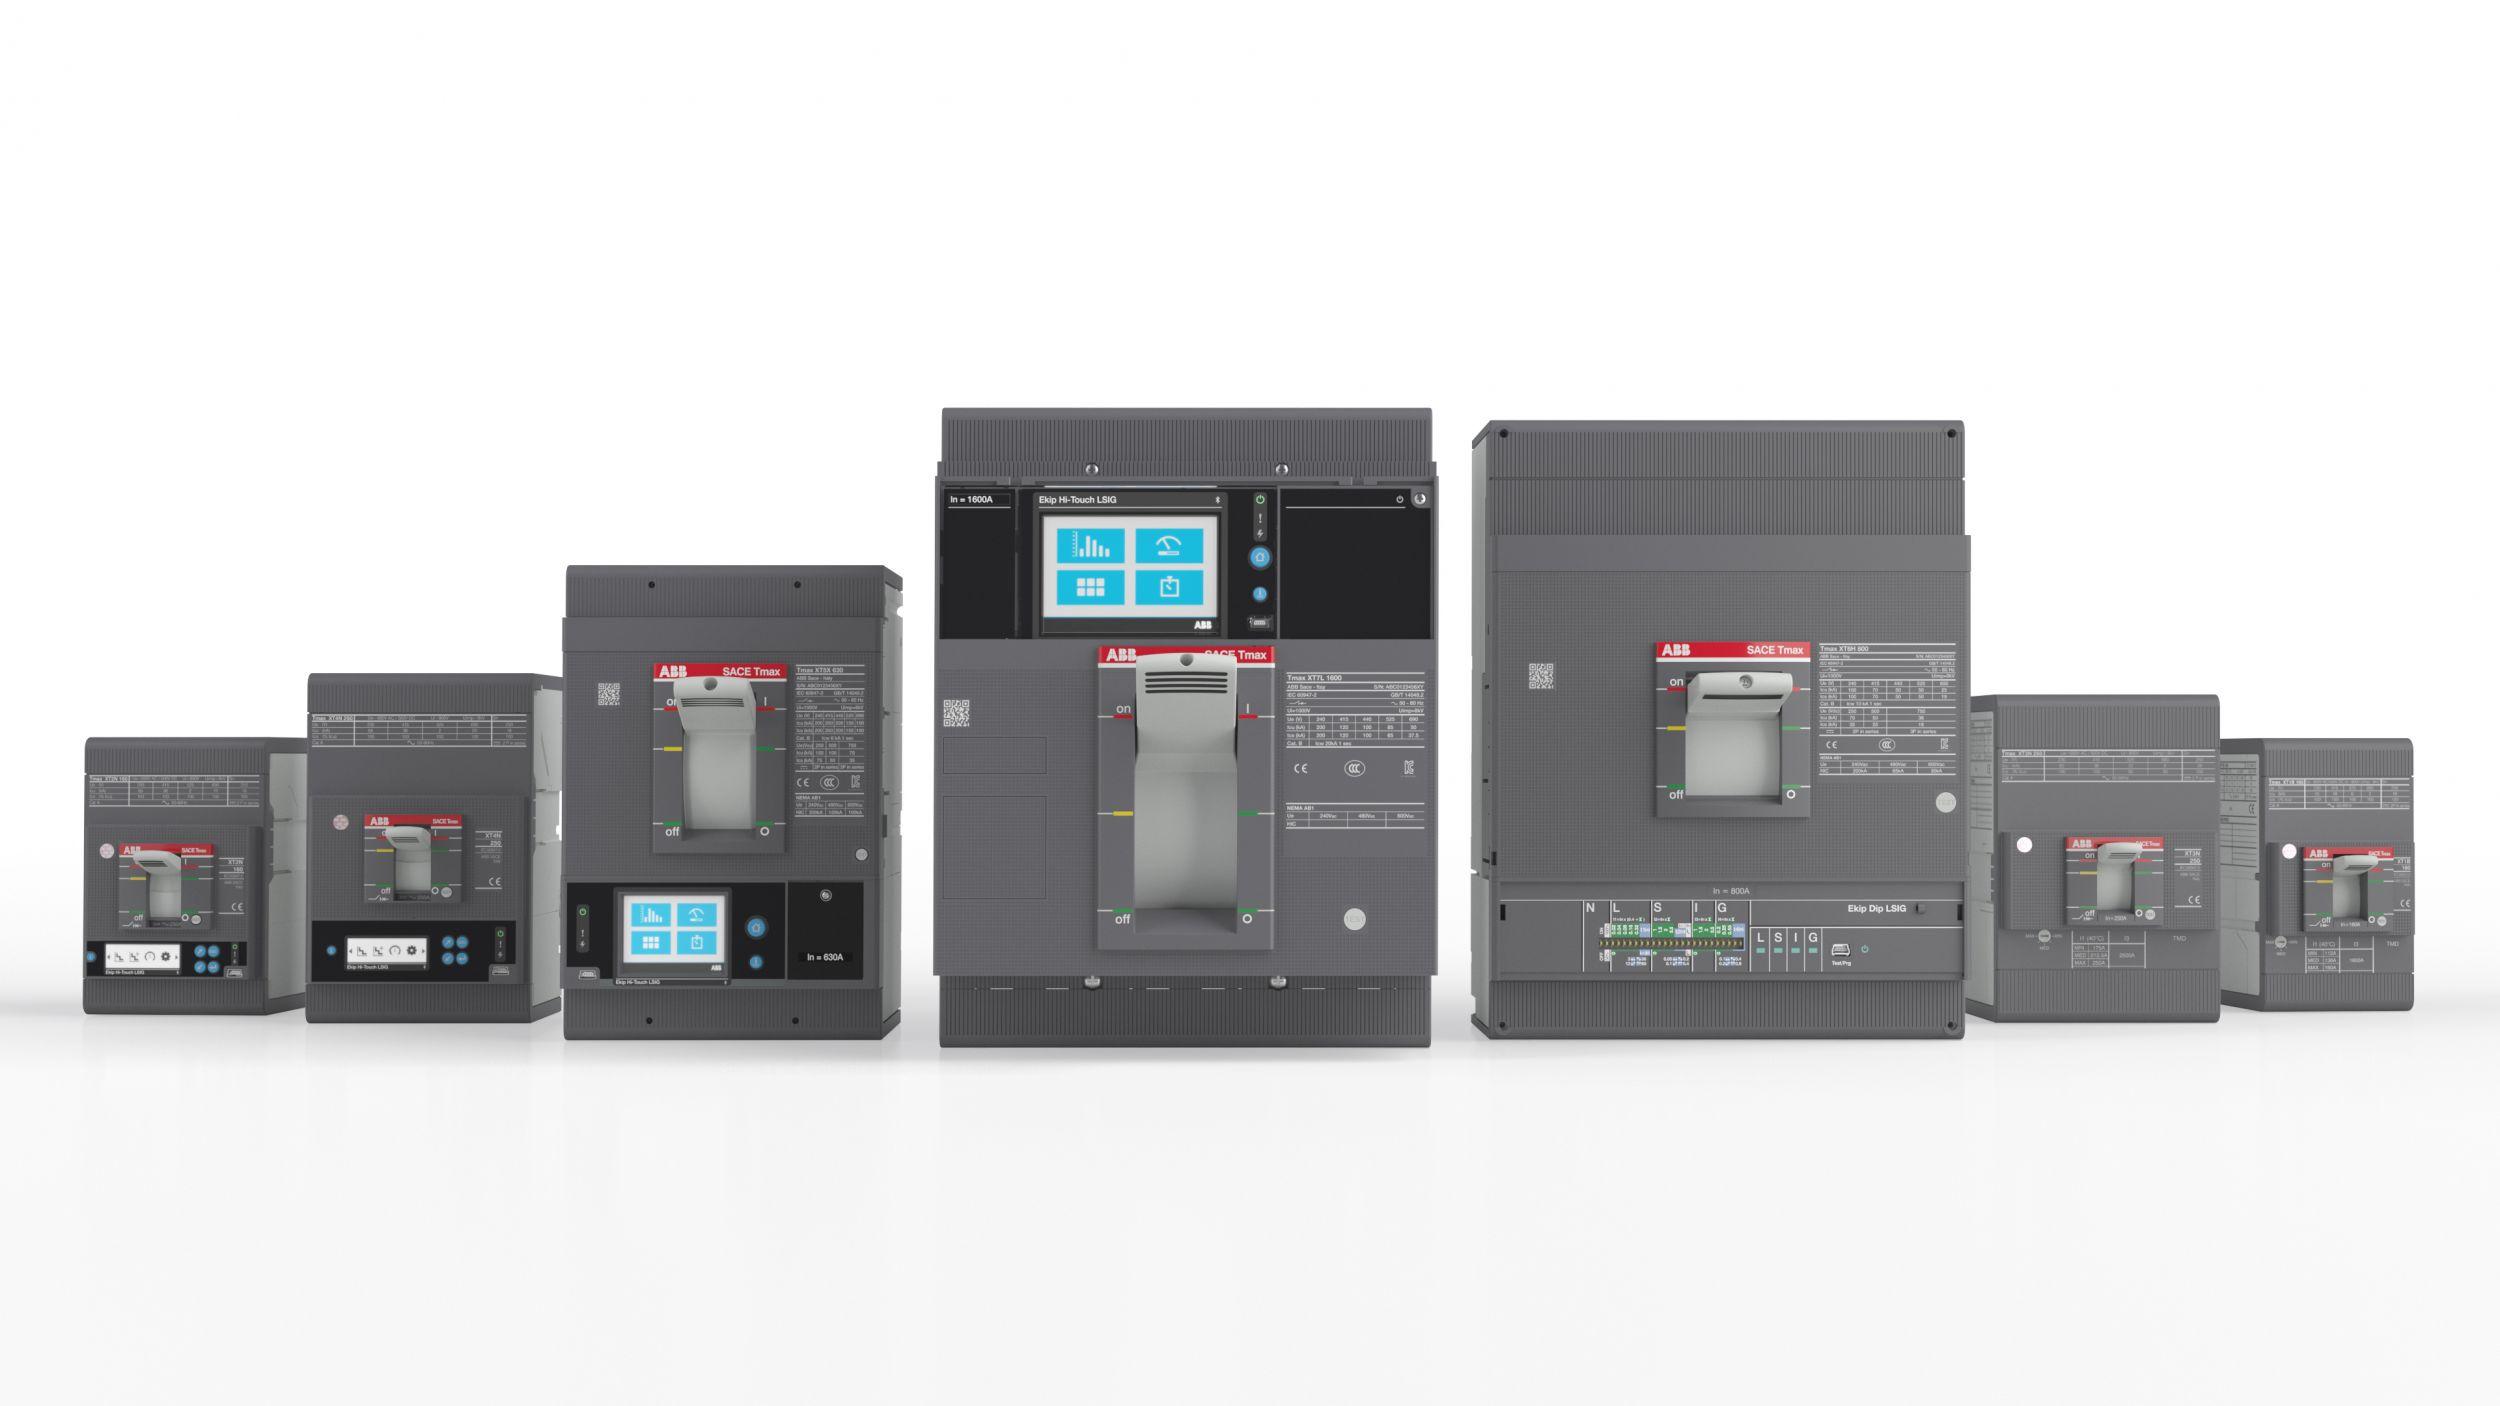 Die Kompaktleistungsschalter der Tmax XT-Baureihe wurde 2018 in den Markt eingeführt und in diesem Jahr mit dem SCHALTSCHRANKBAU Innovation Award ausgezeichnet. (Bild: ABB)